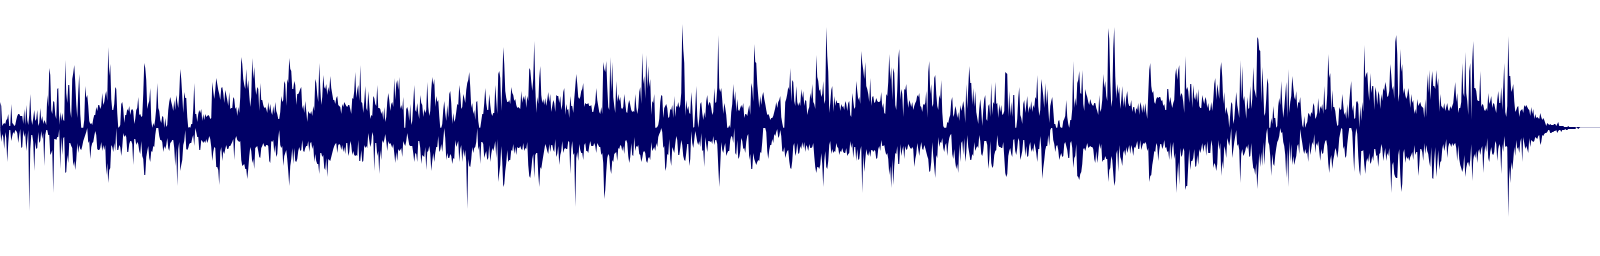 waveform of track #92404